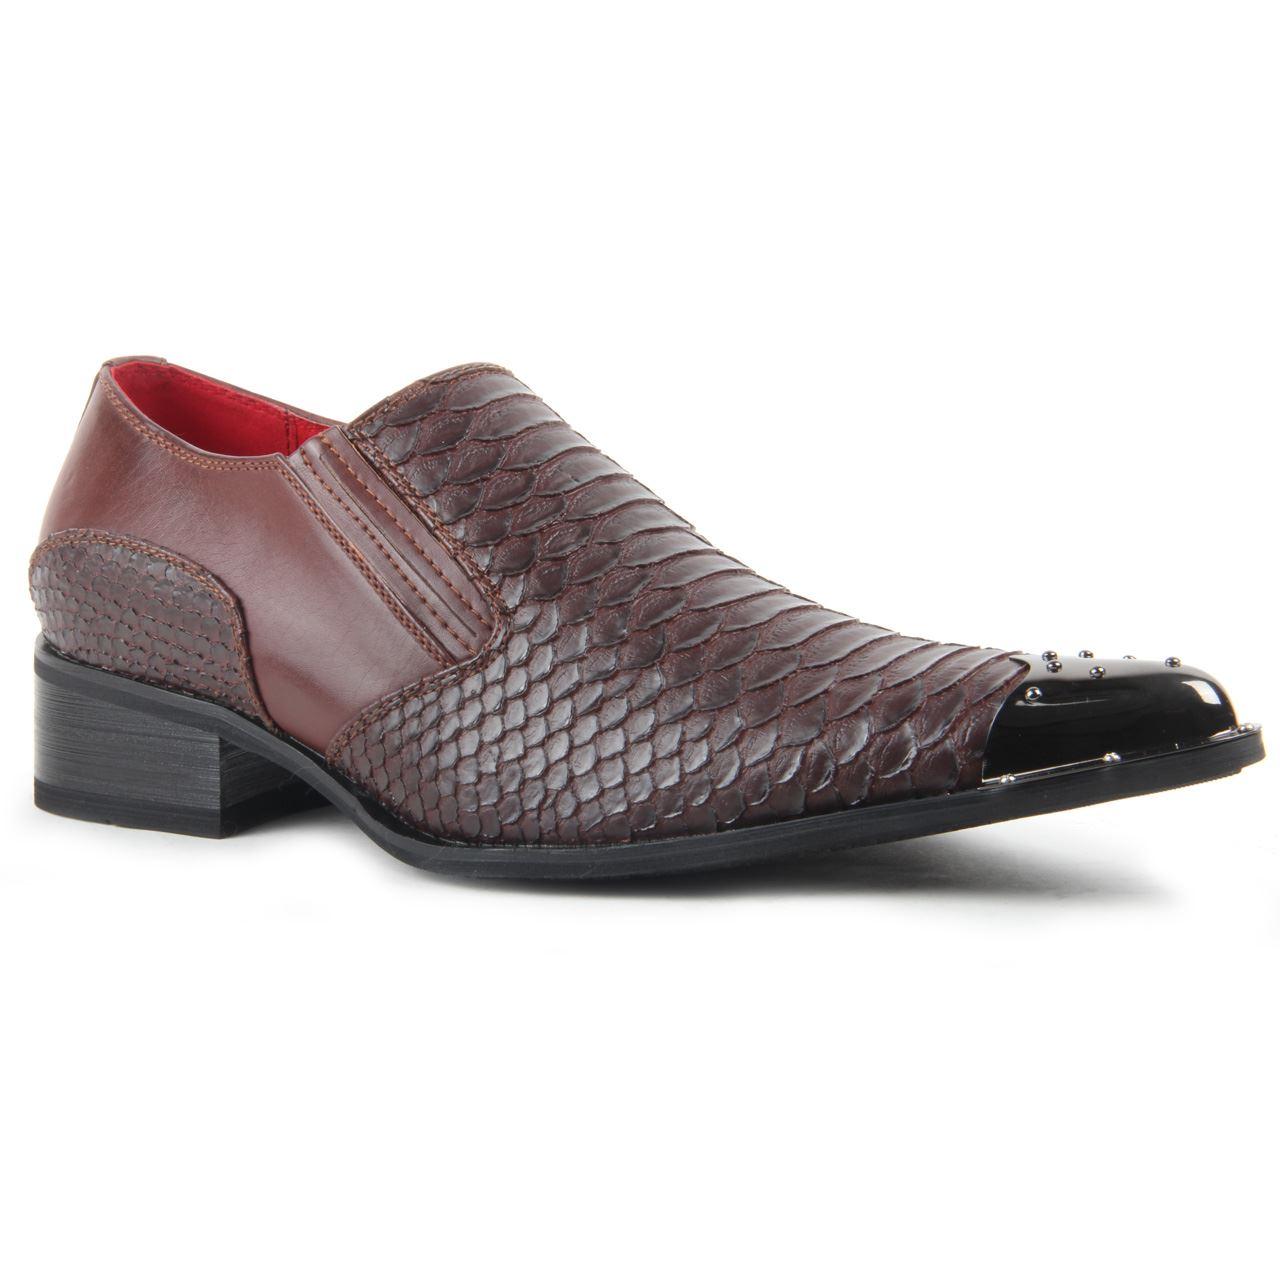 Amazon Uk Croc Shoes